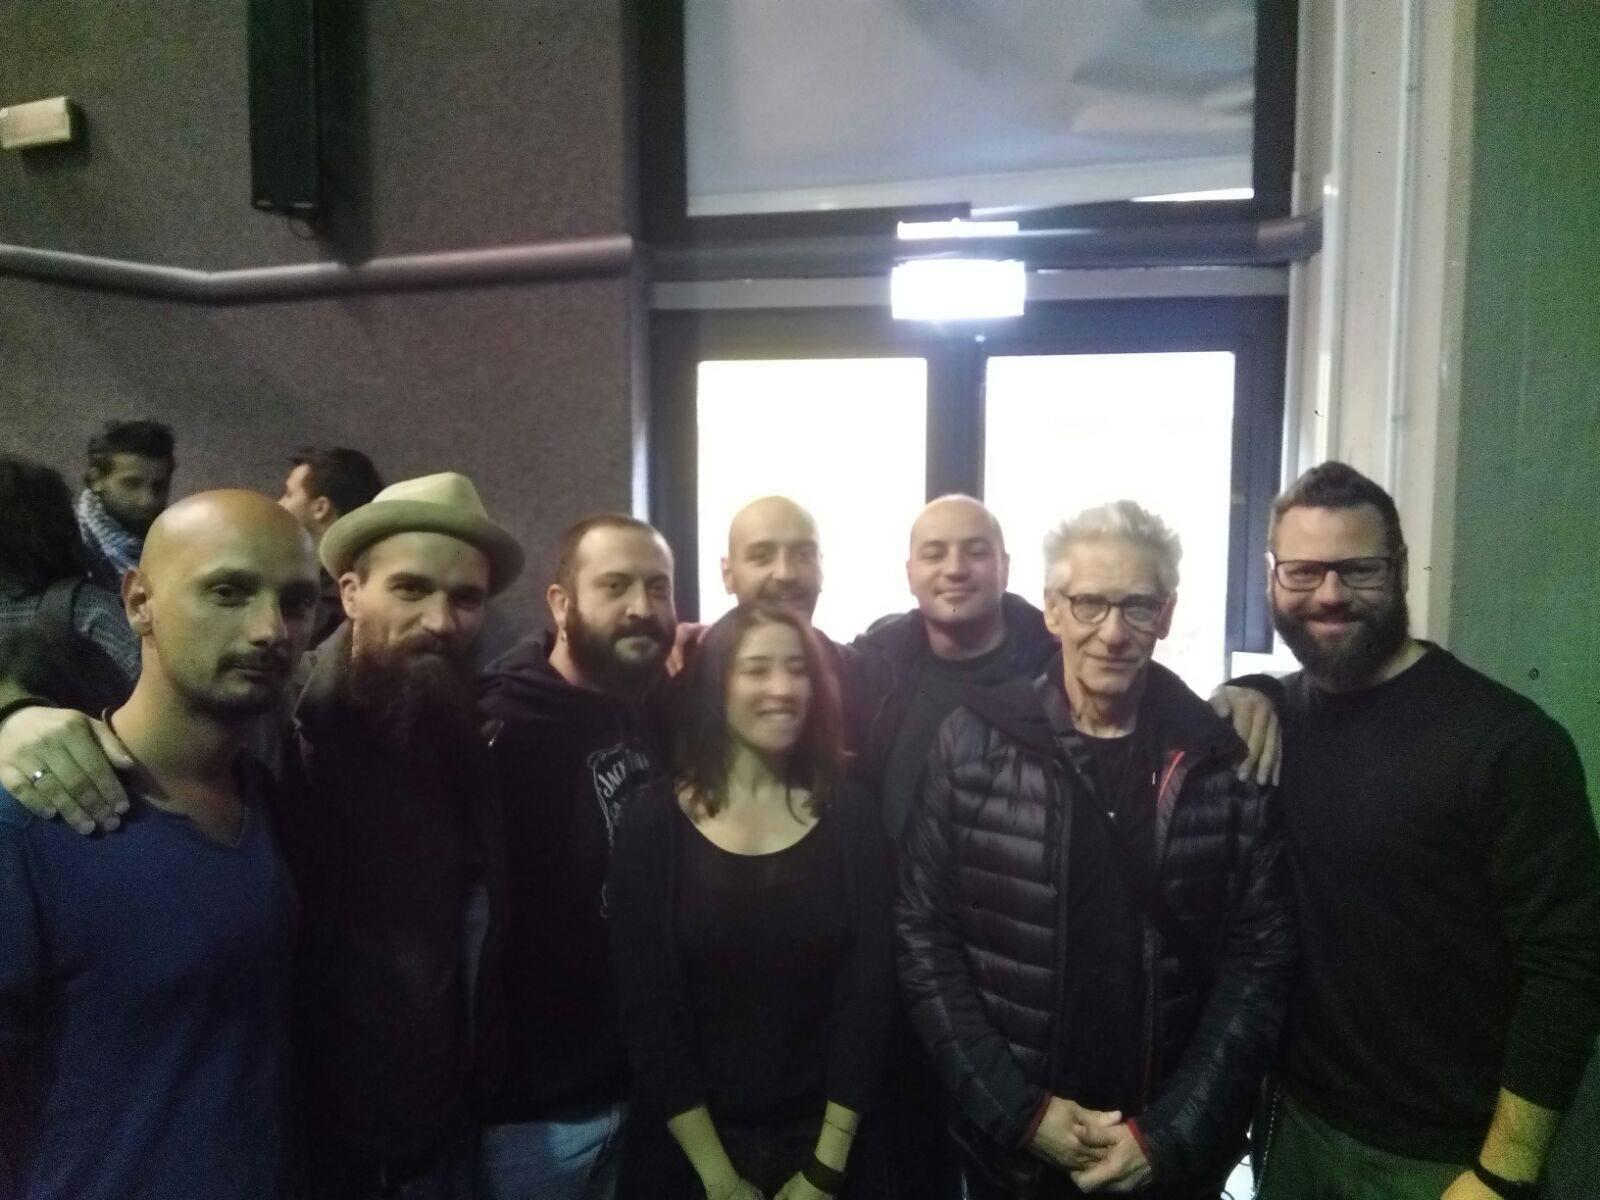 E in aula spunta David Cronenberg: il regista cult all'Unibas per una conferenza